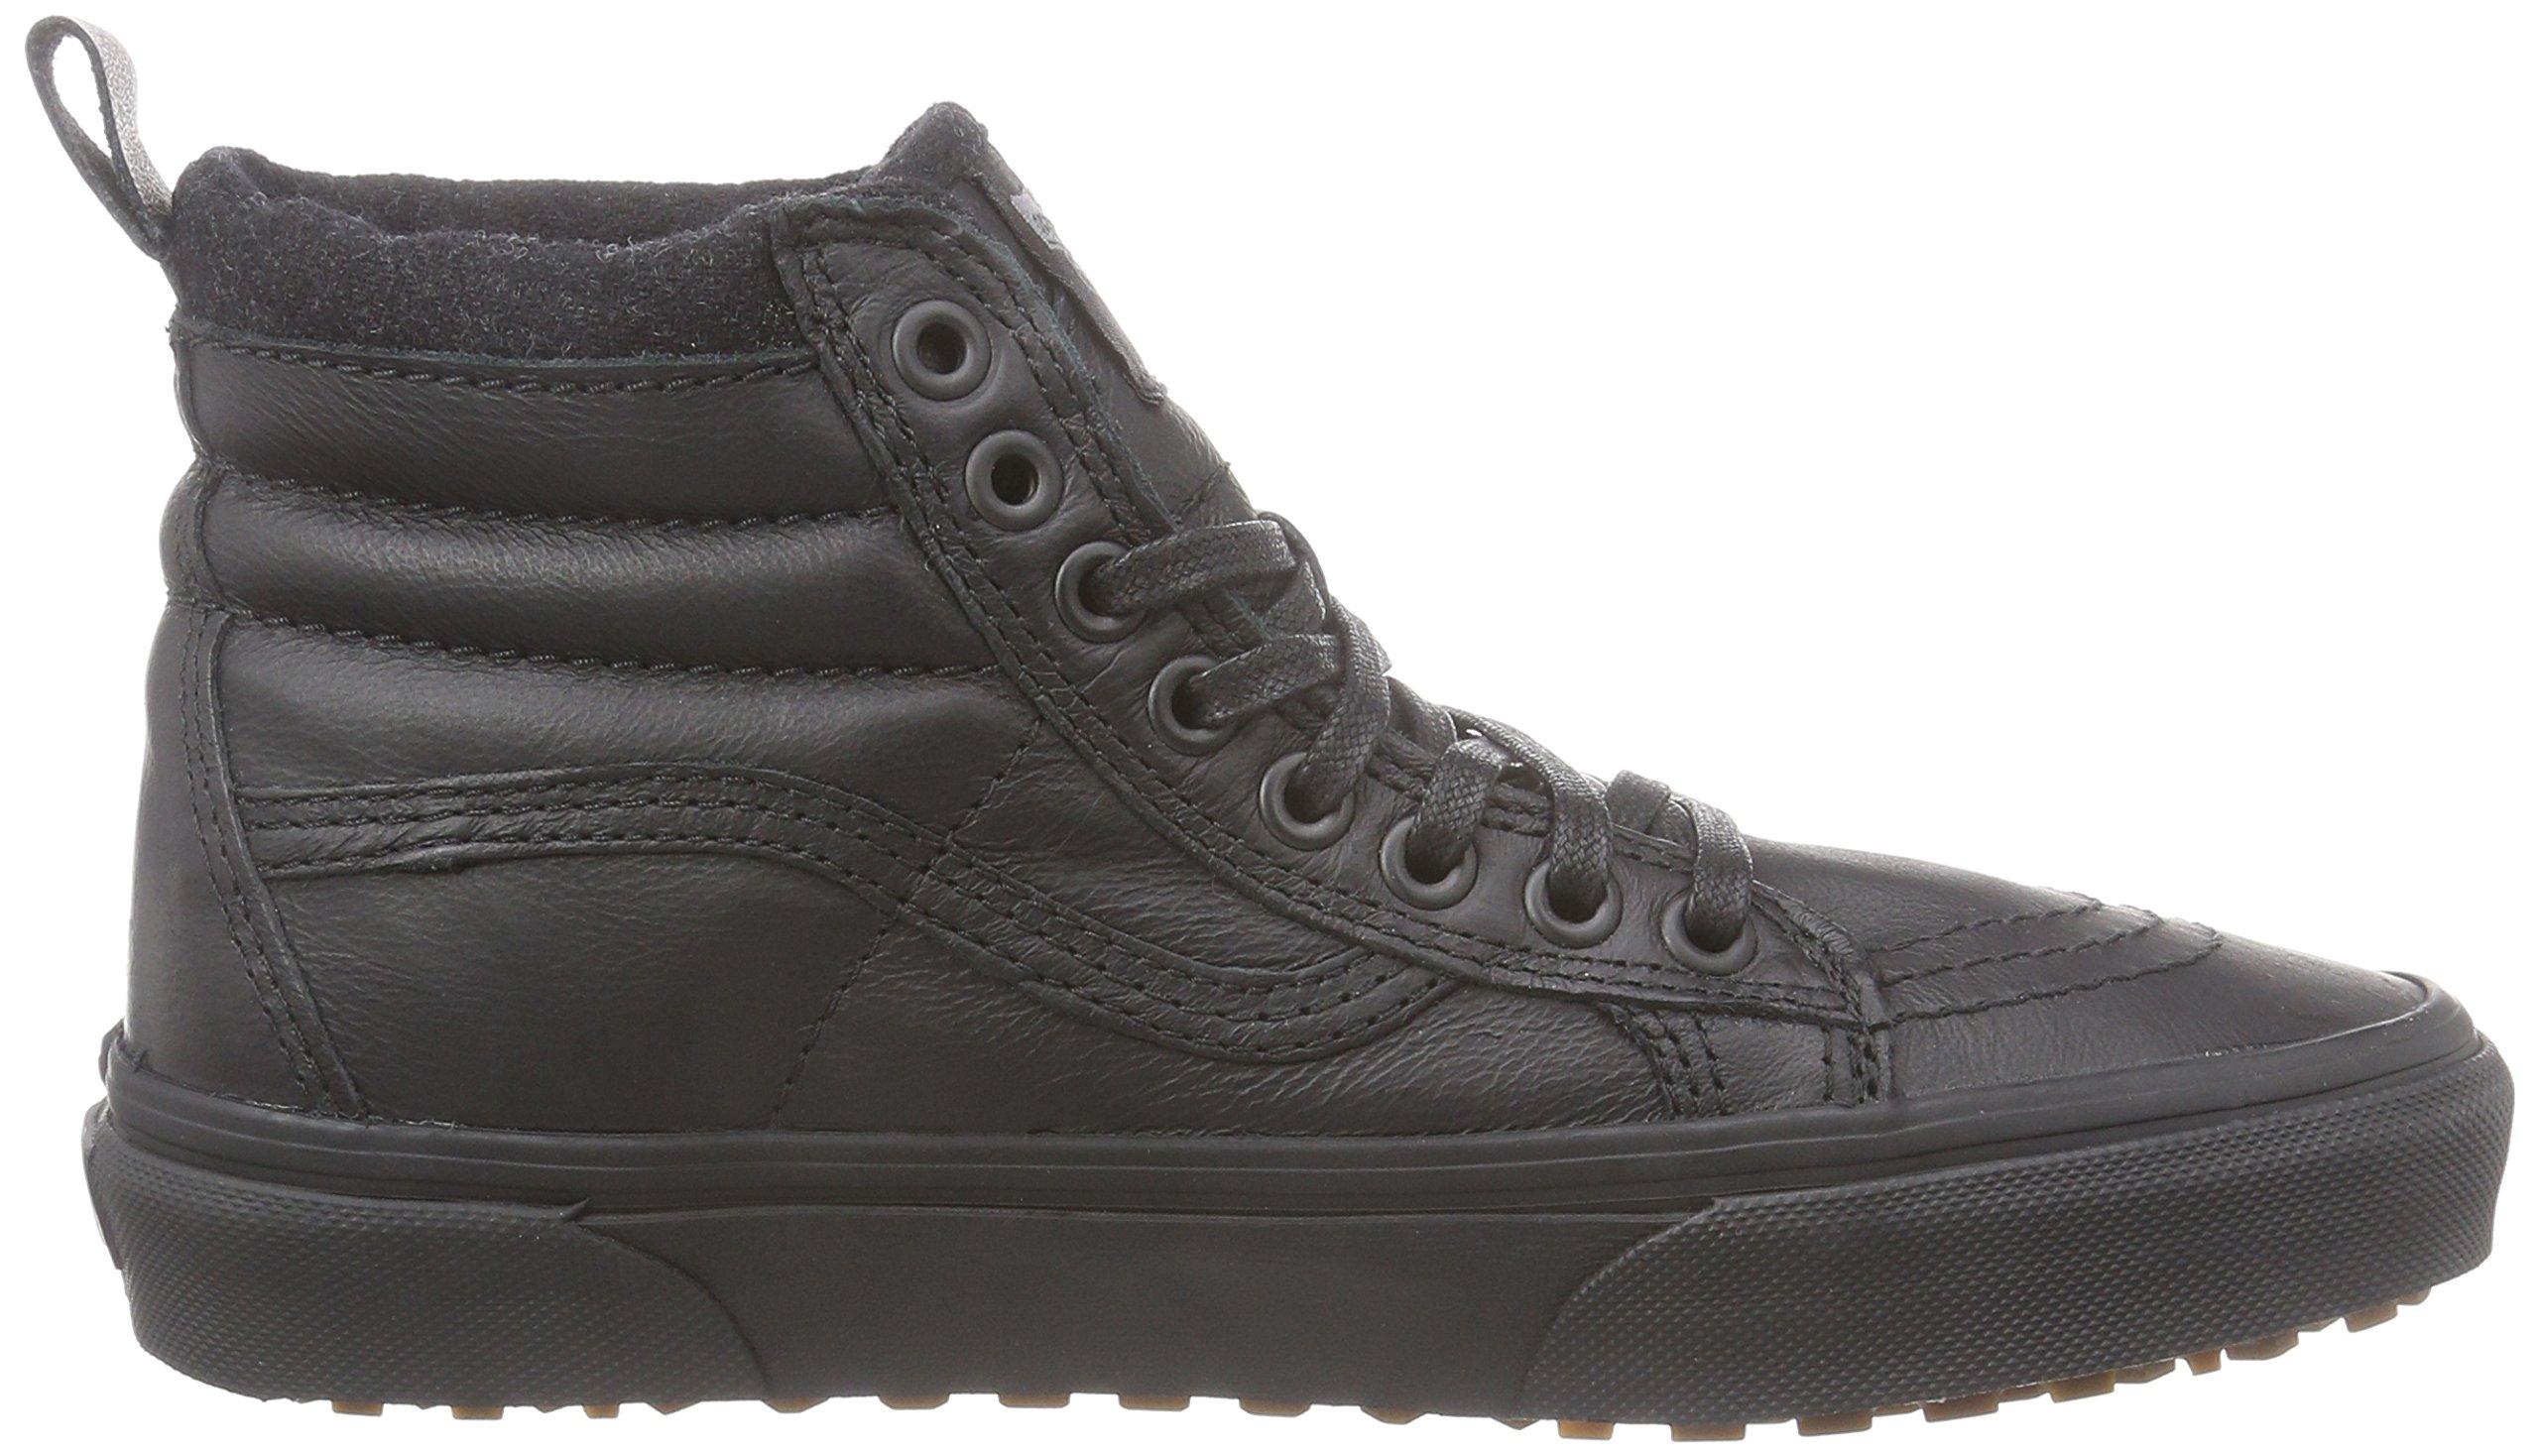 Vans Unisex SK8-Hi MTE (Mte) Black/Leather 11.5 Women / 10 Men M US by Vans (Image #6)